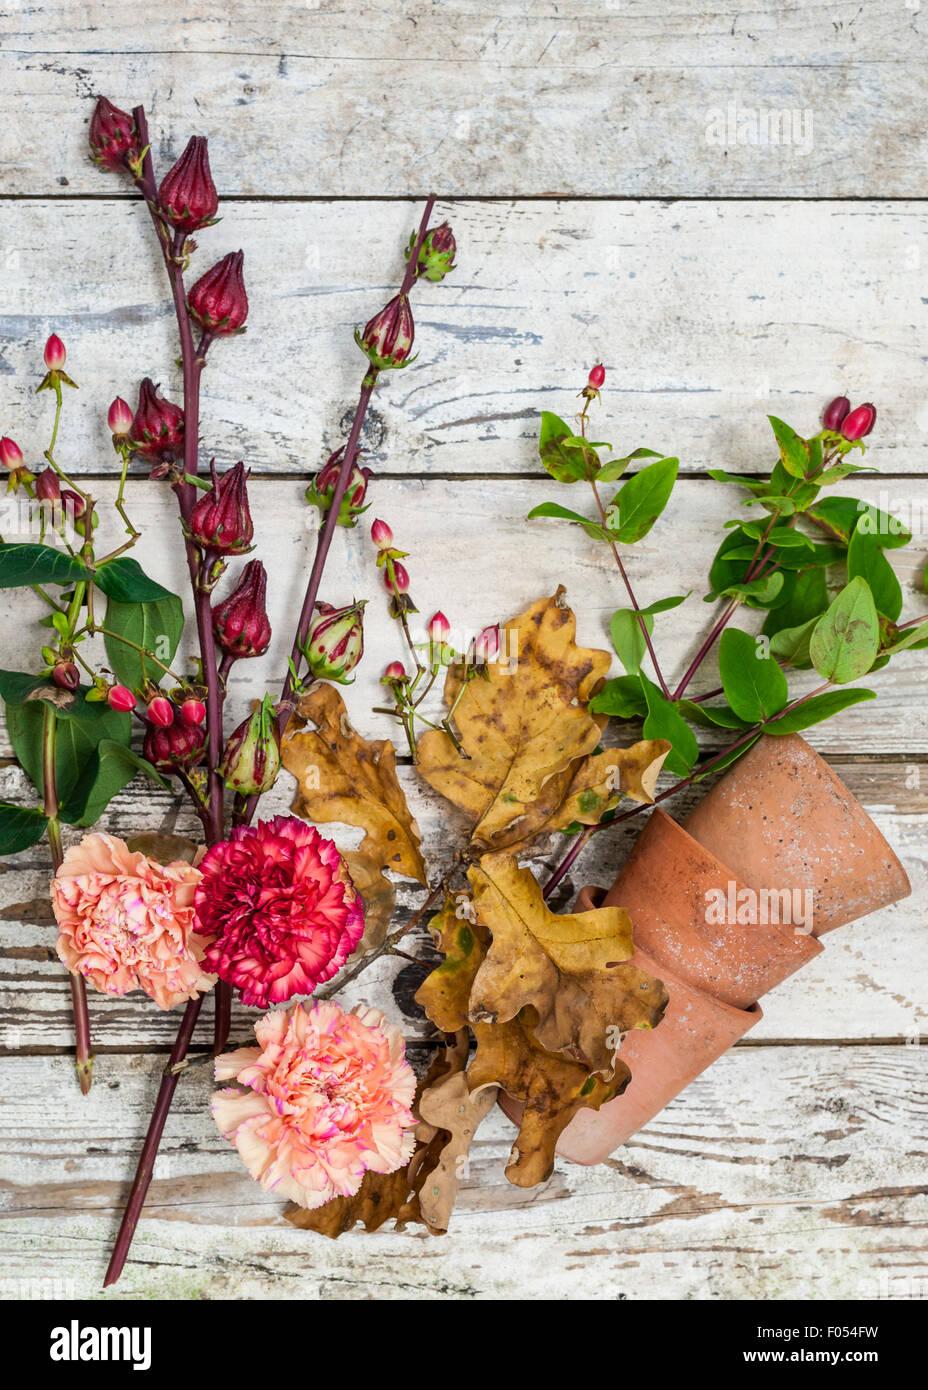 Autimn fiori e frutti di bosco su una superficie rustico Immagini Stock